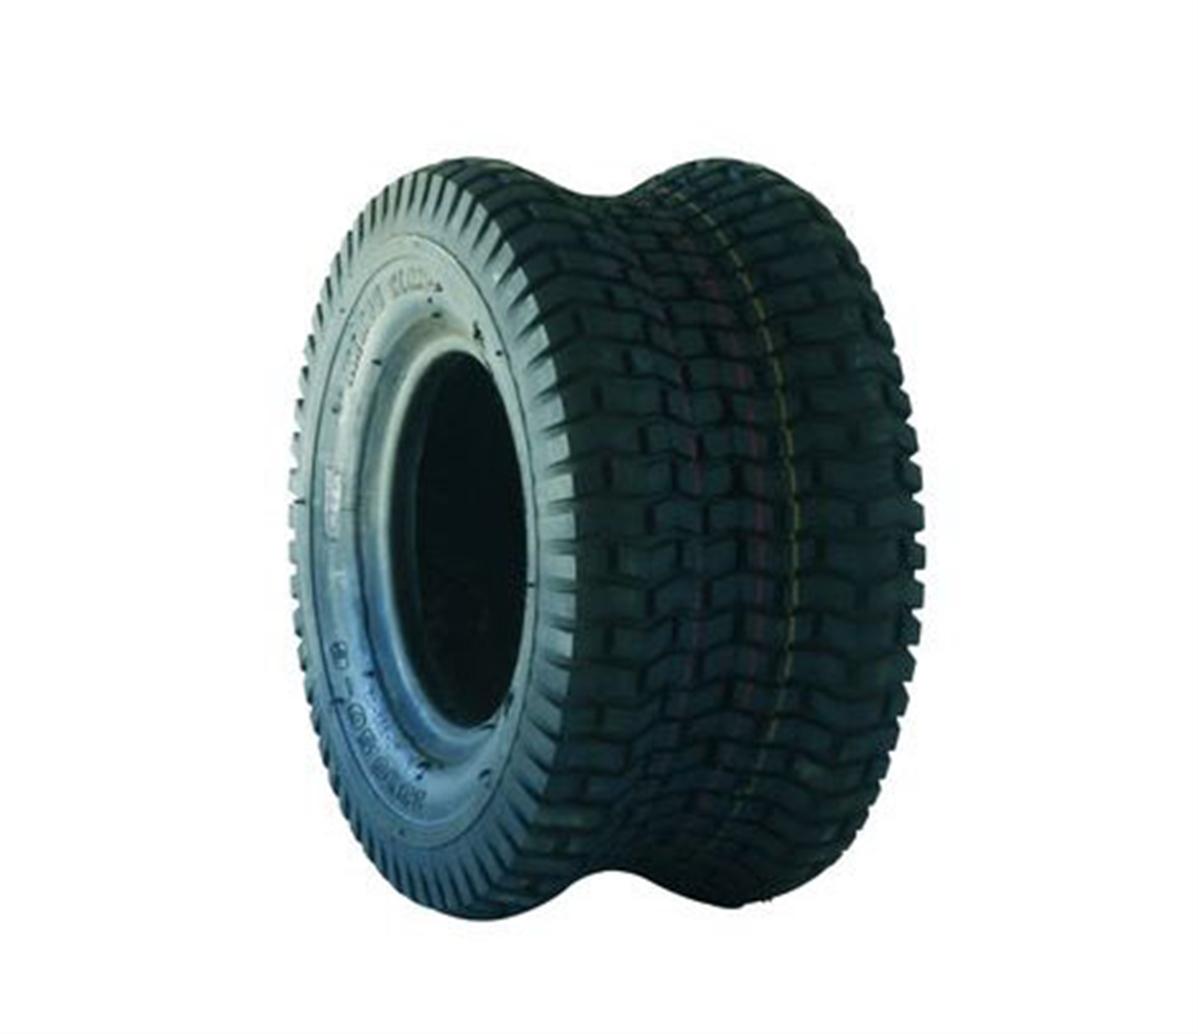 pneu tracteur tondeuse autoport e 18x850x8 gazon. Black Bedroom Furniture Sets. Home Design Ideas